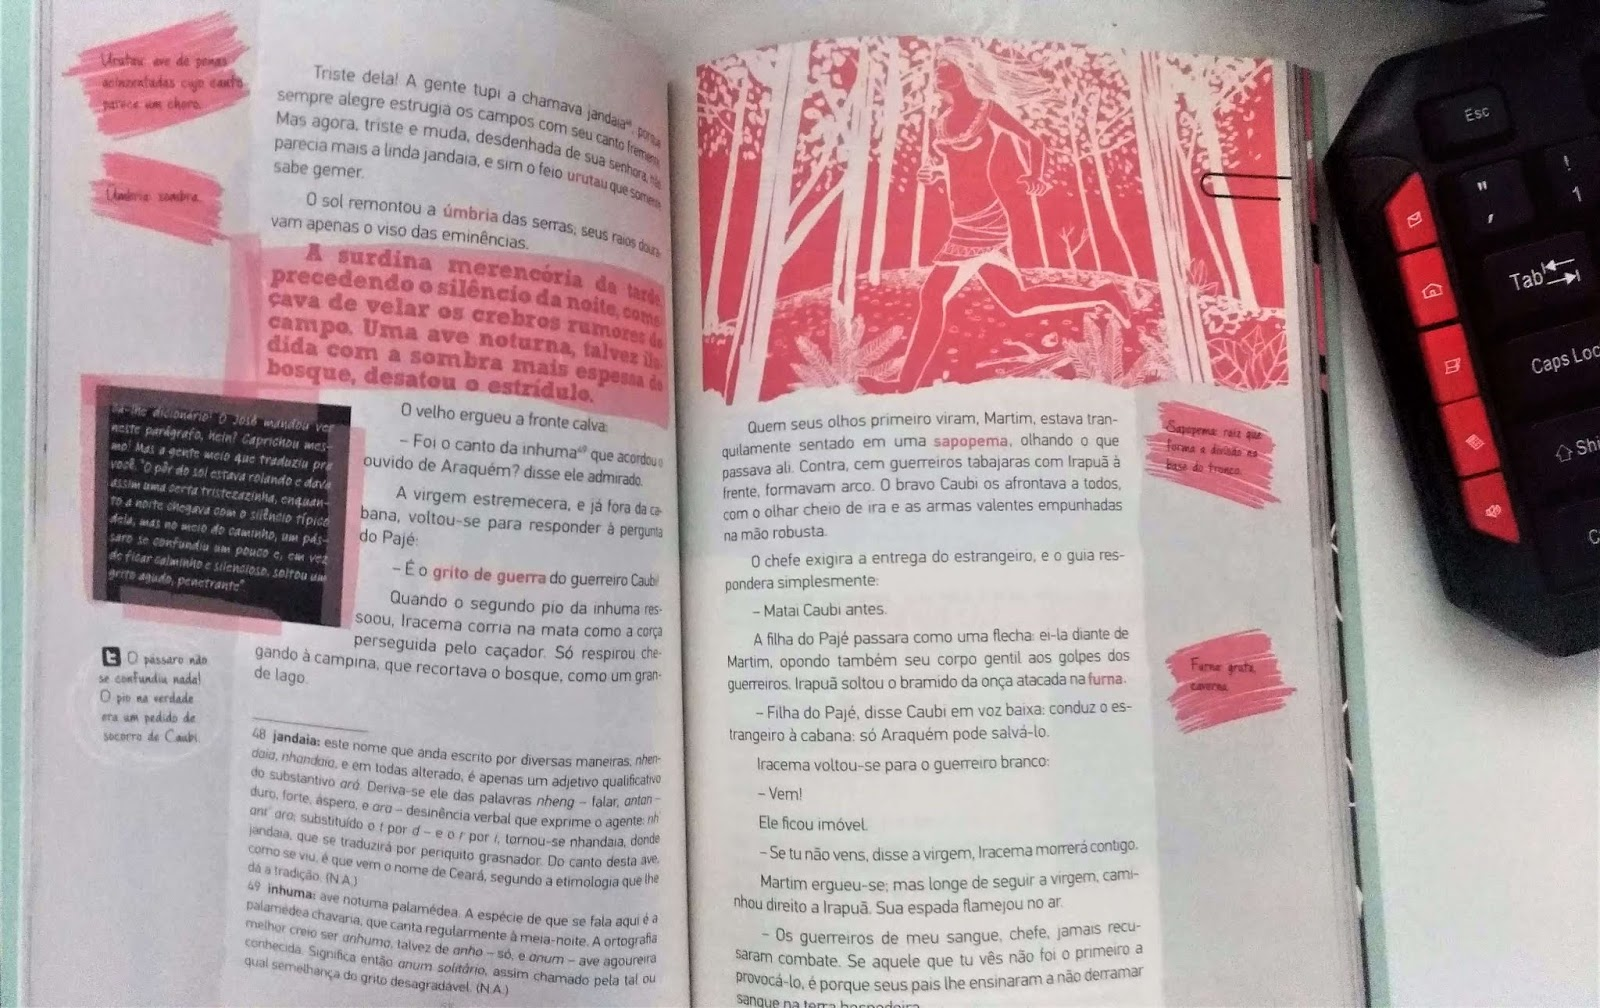 Edição da editora Panda Books tem notas e ilustrações que facilitam a leitura.